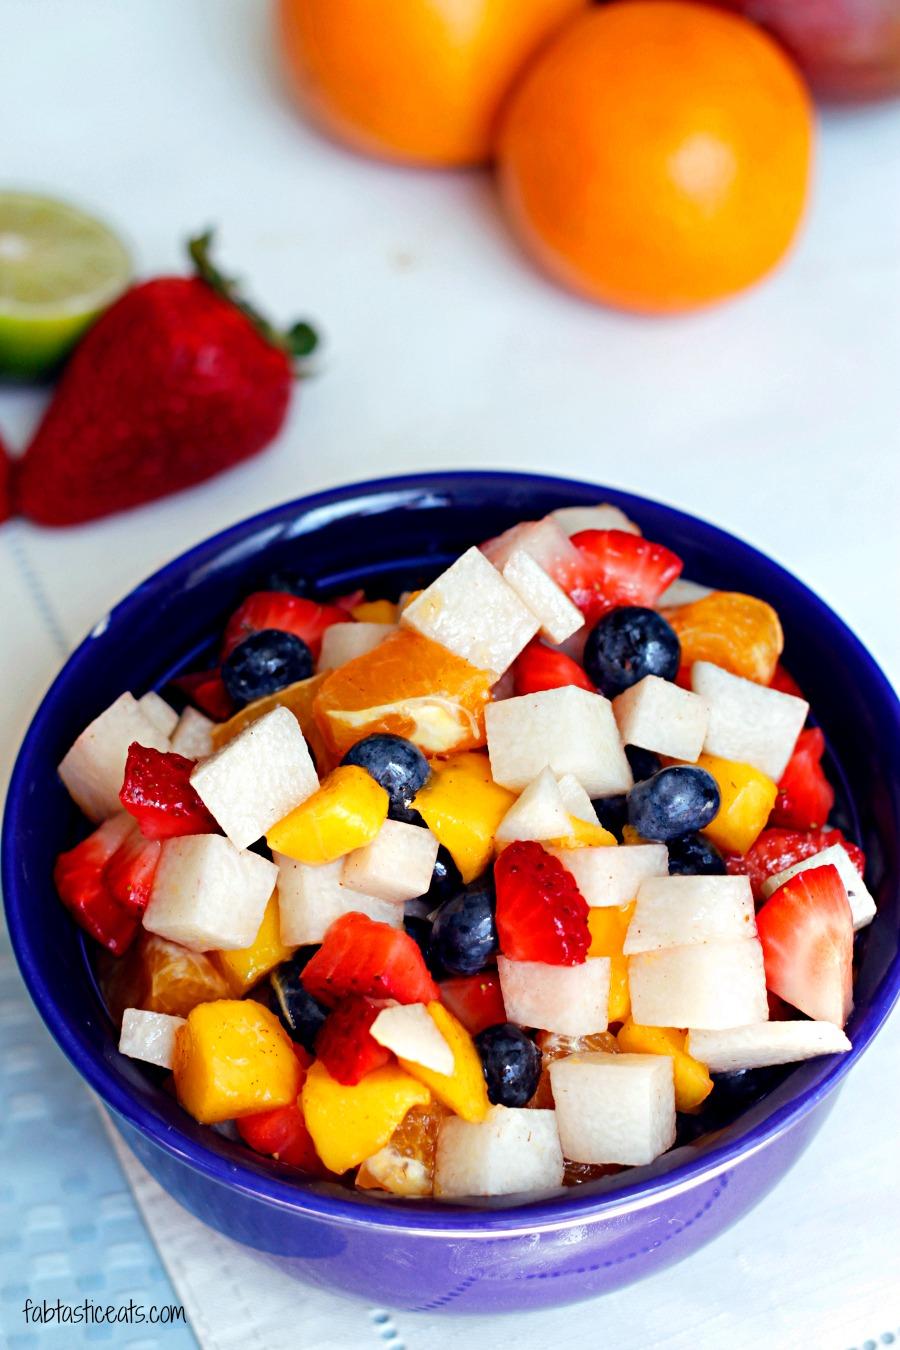 Jicama Fruit Salad with a Cinnamon Lime Glaze